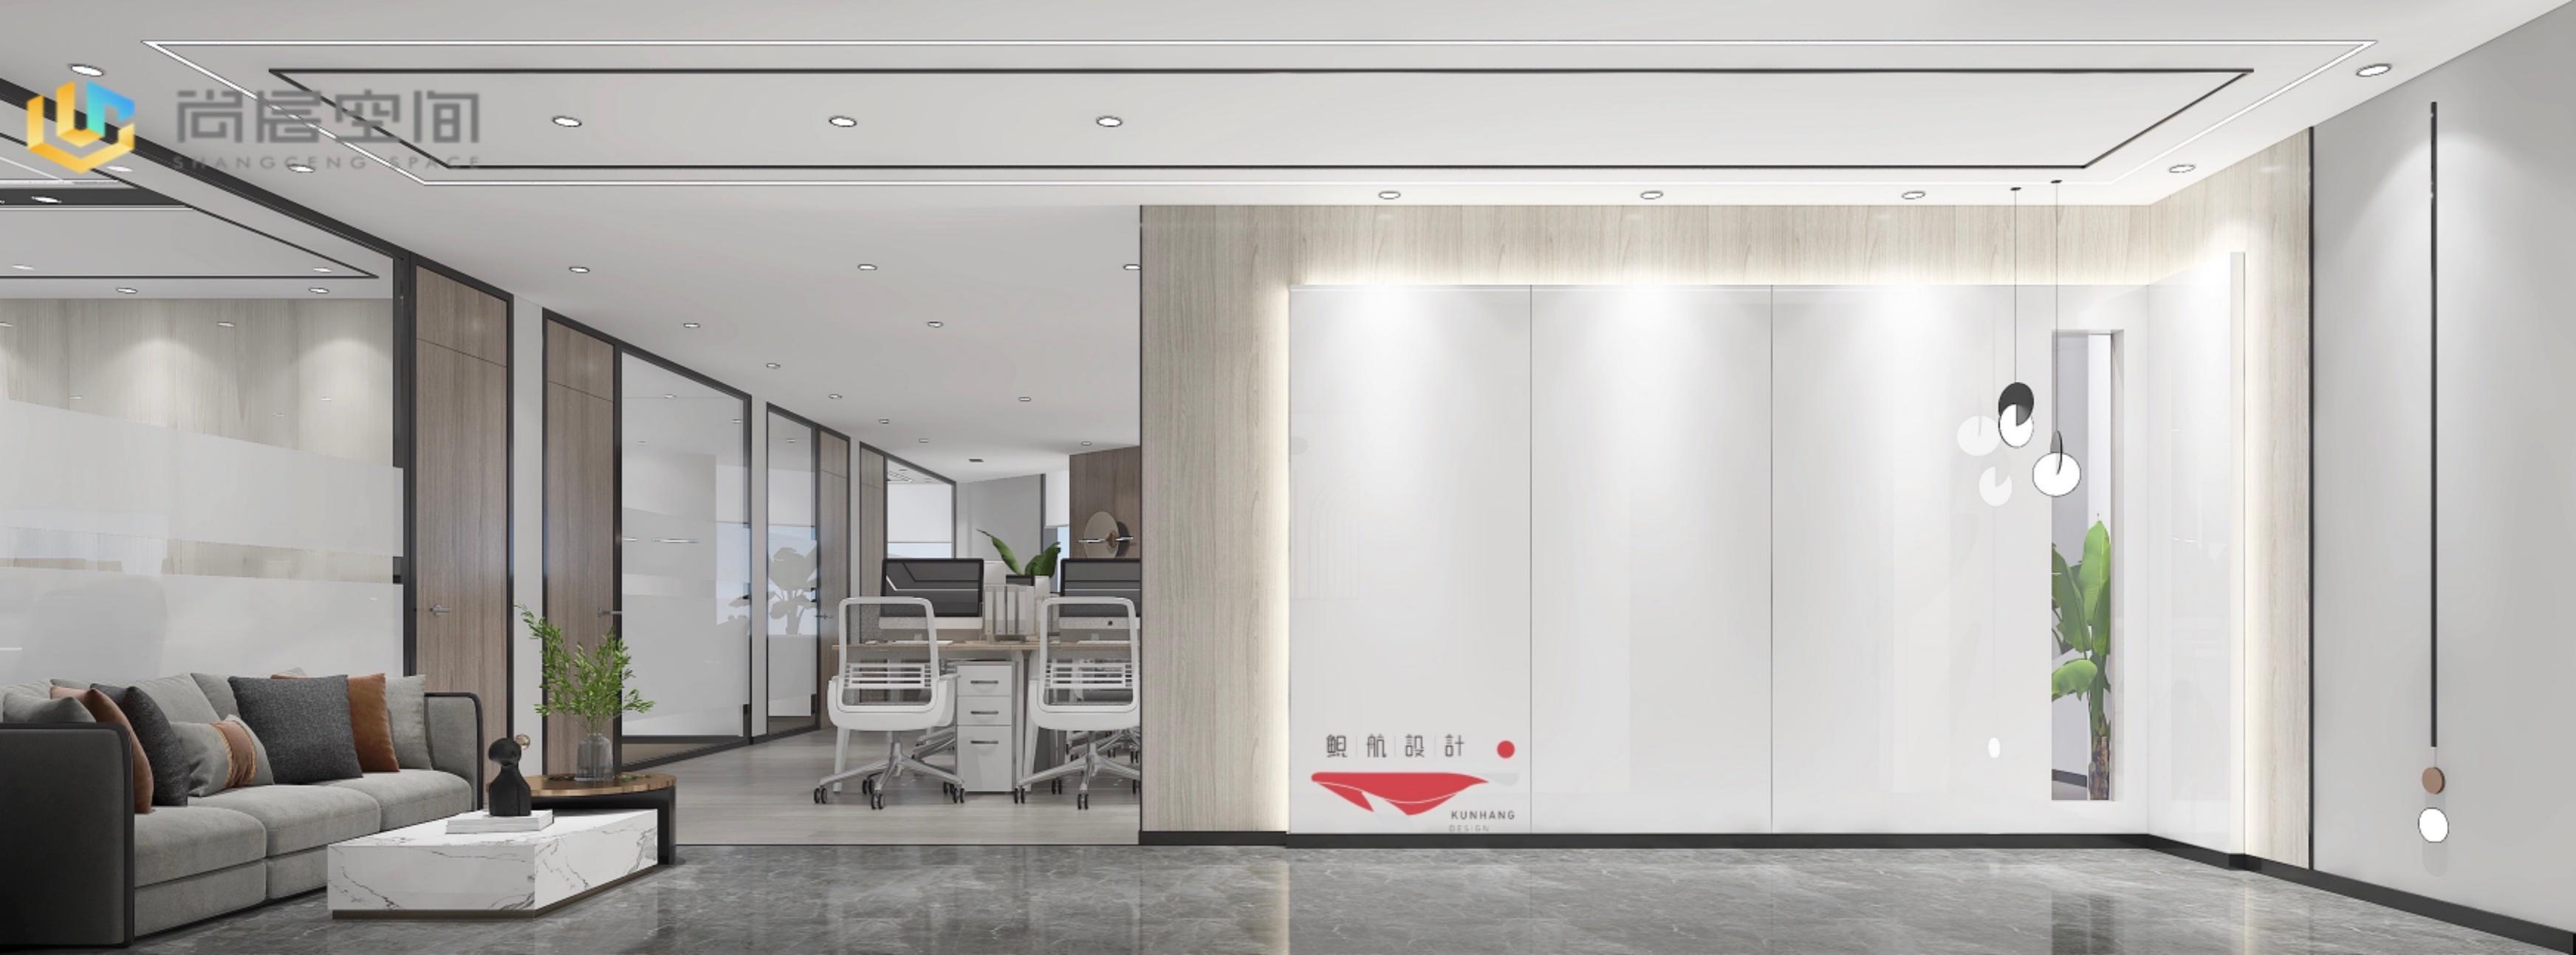 大陆国际228平,户型方正,精装修带家具,轻奢现代风